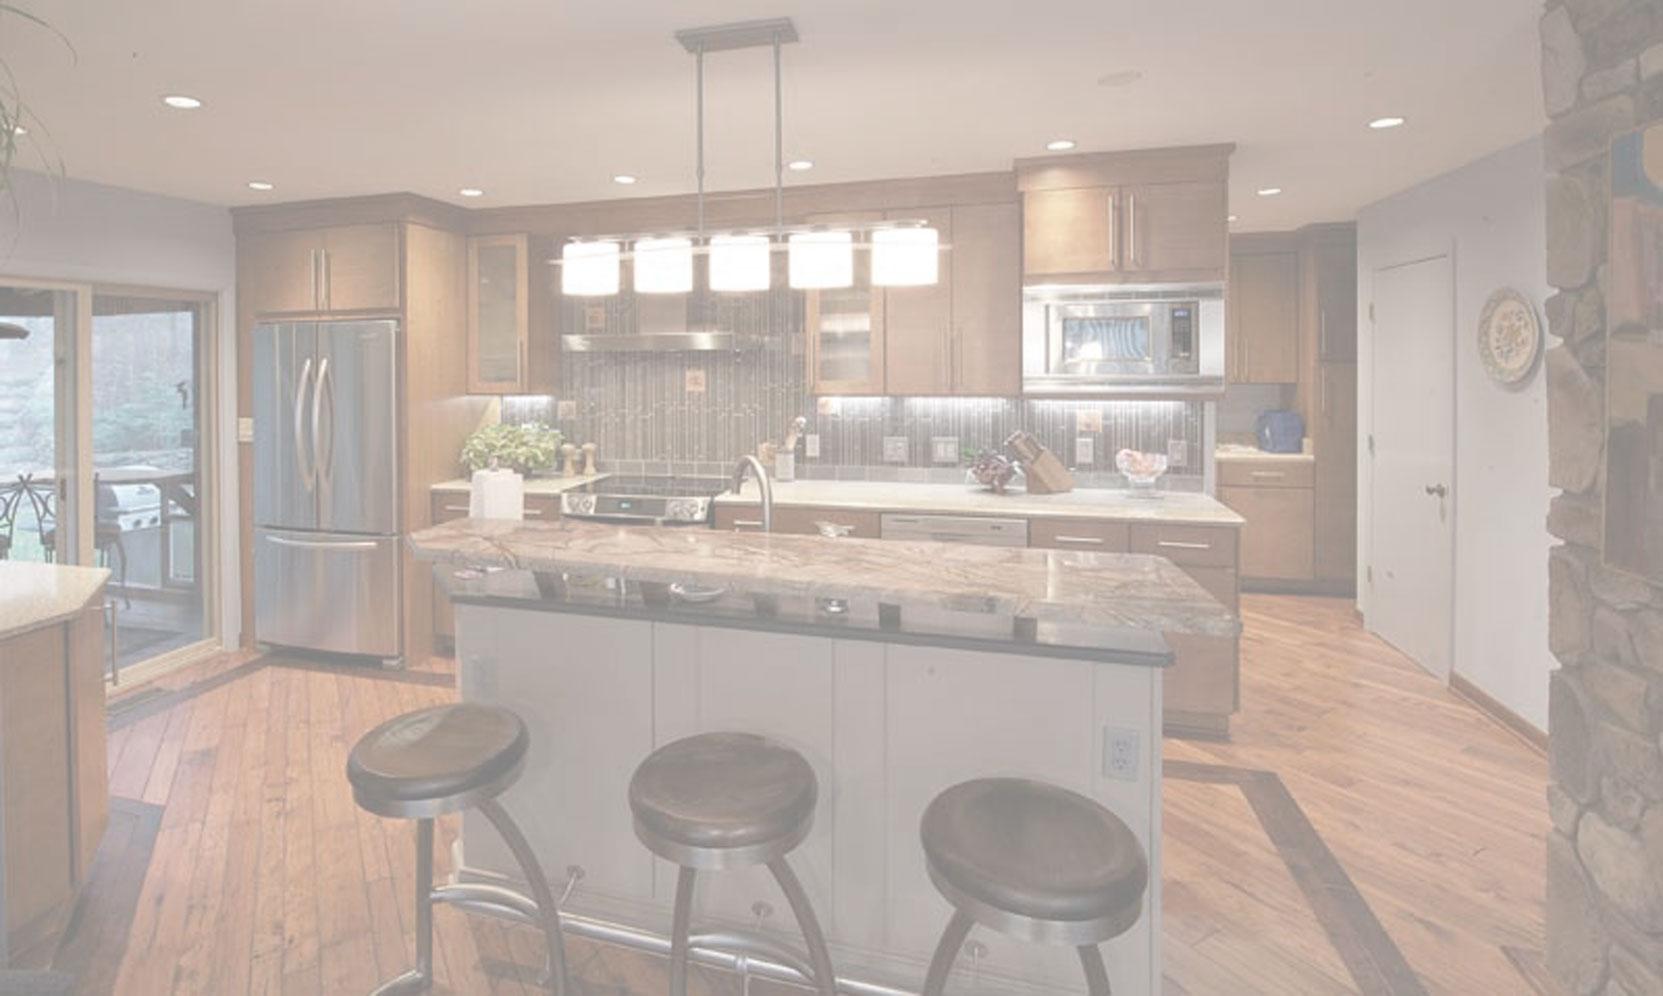 Country Kitchen Lynchburg Va Kitchen 62 Kitchen Renovation Ideas Kitchen Renovation Bath And